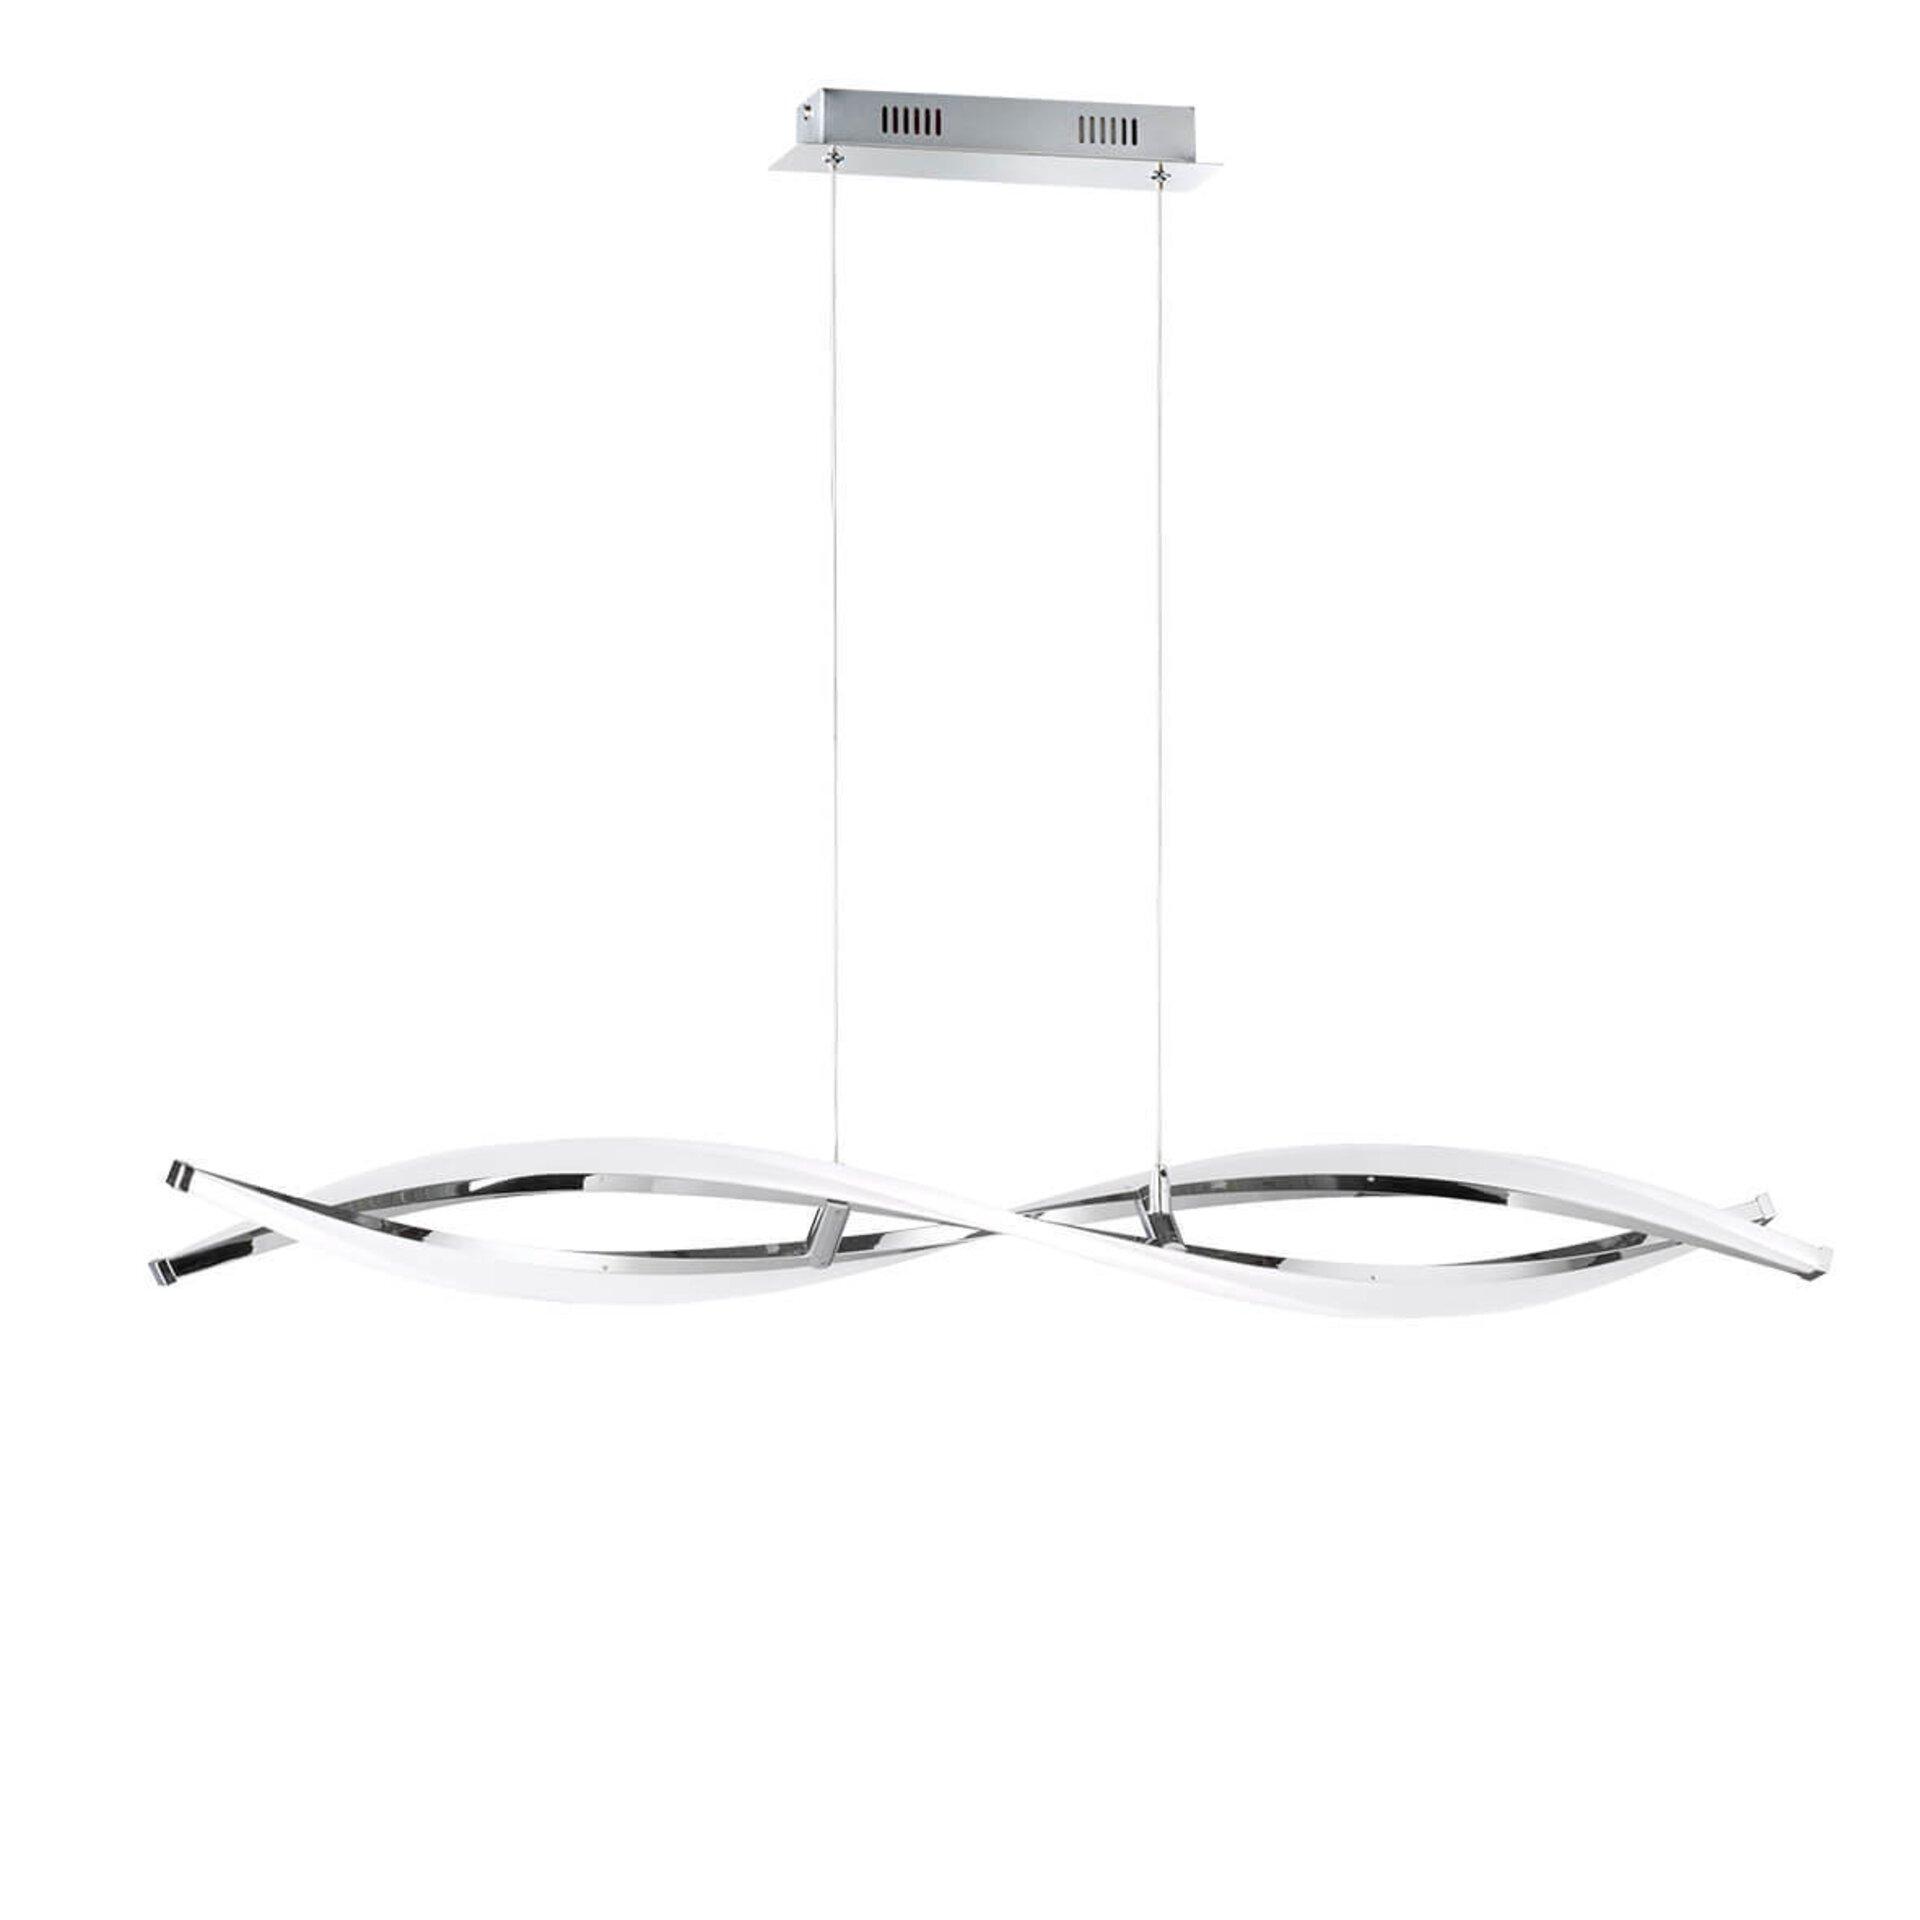 Hängeleuchte Idana Wofi Leuchten Metall silber 15 x 150 x 100 cm